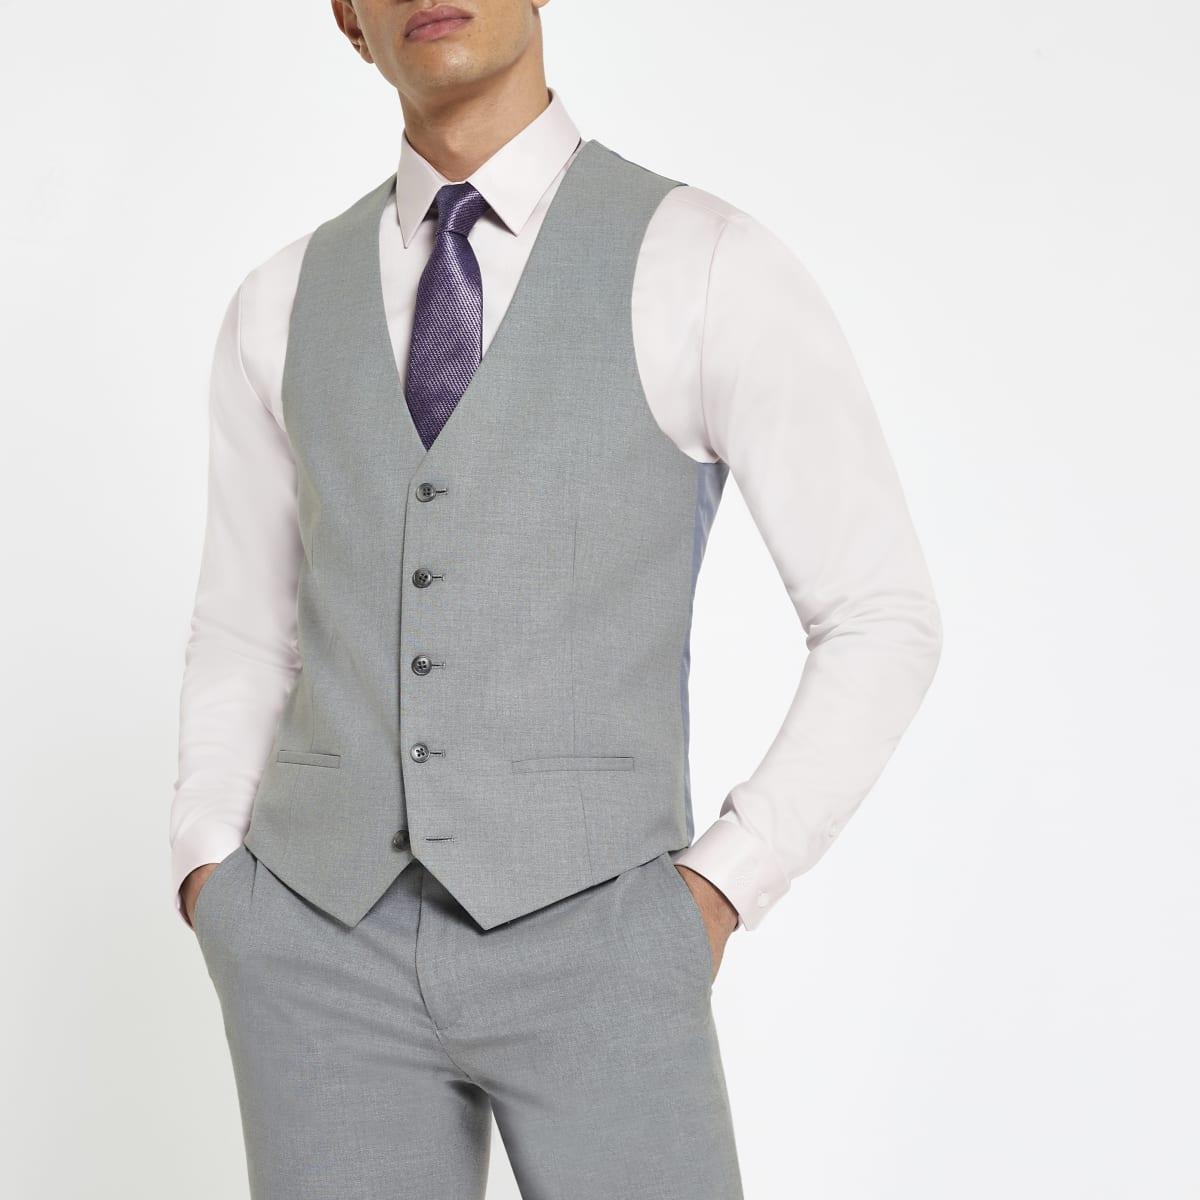 Gilet gris clair habillé